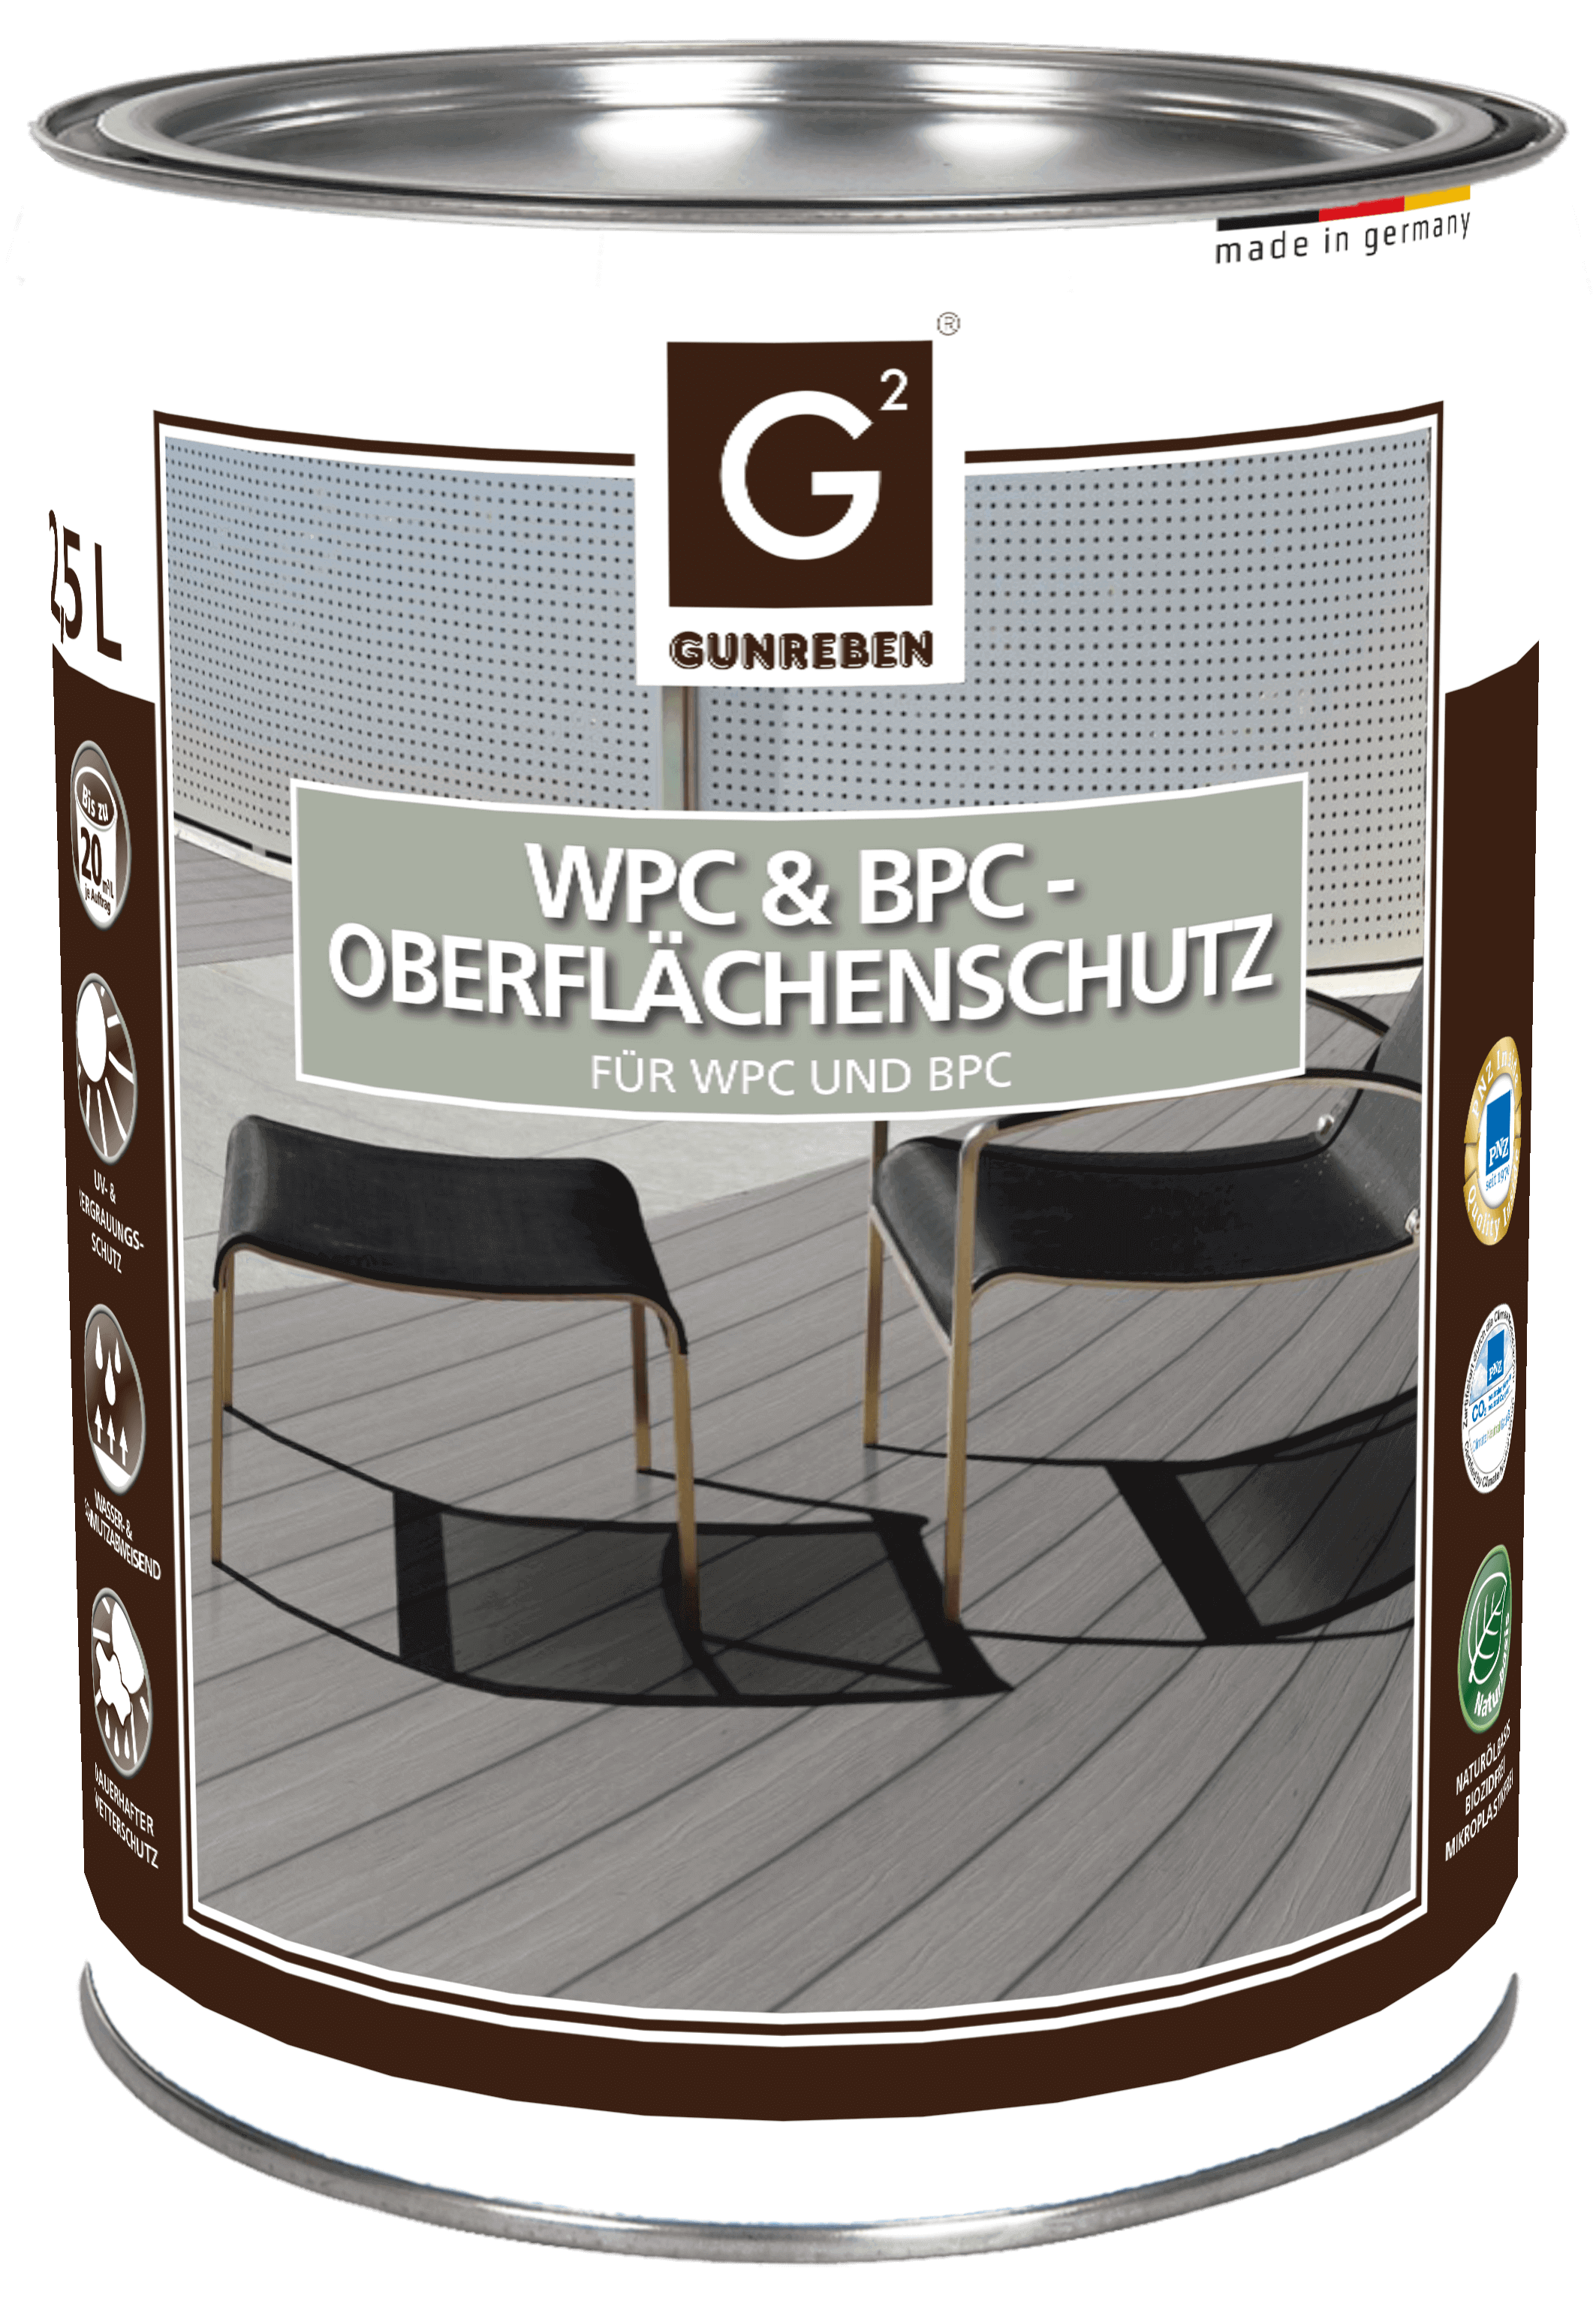 WPC Imprägnierung farblos von Gunreben, 2,5 Liter WPC Öl sind ausreichend für ca. 20-40 m²